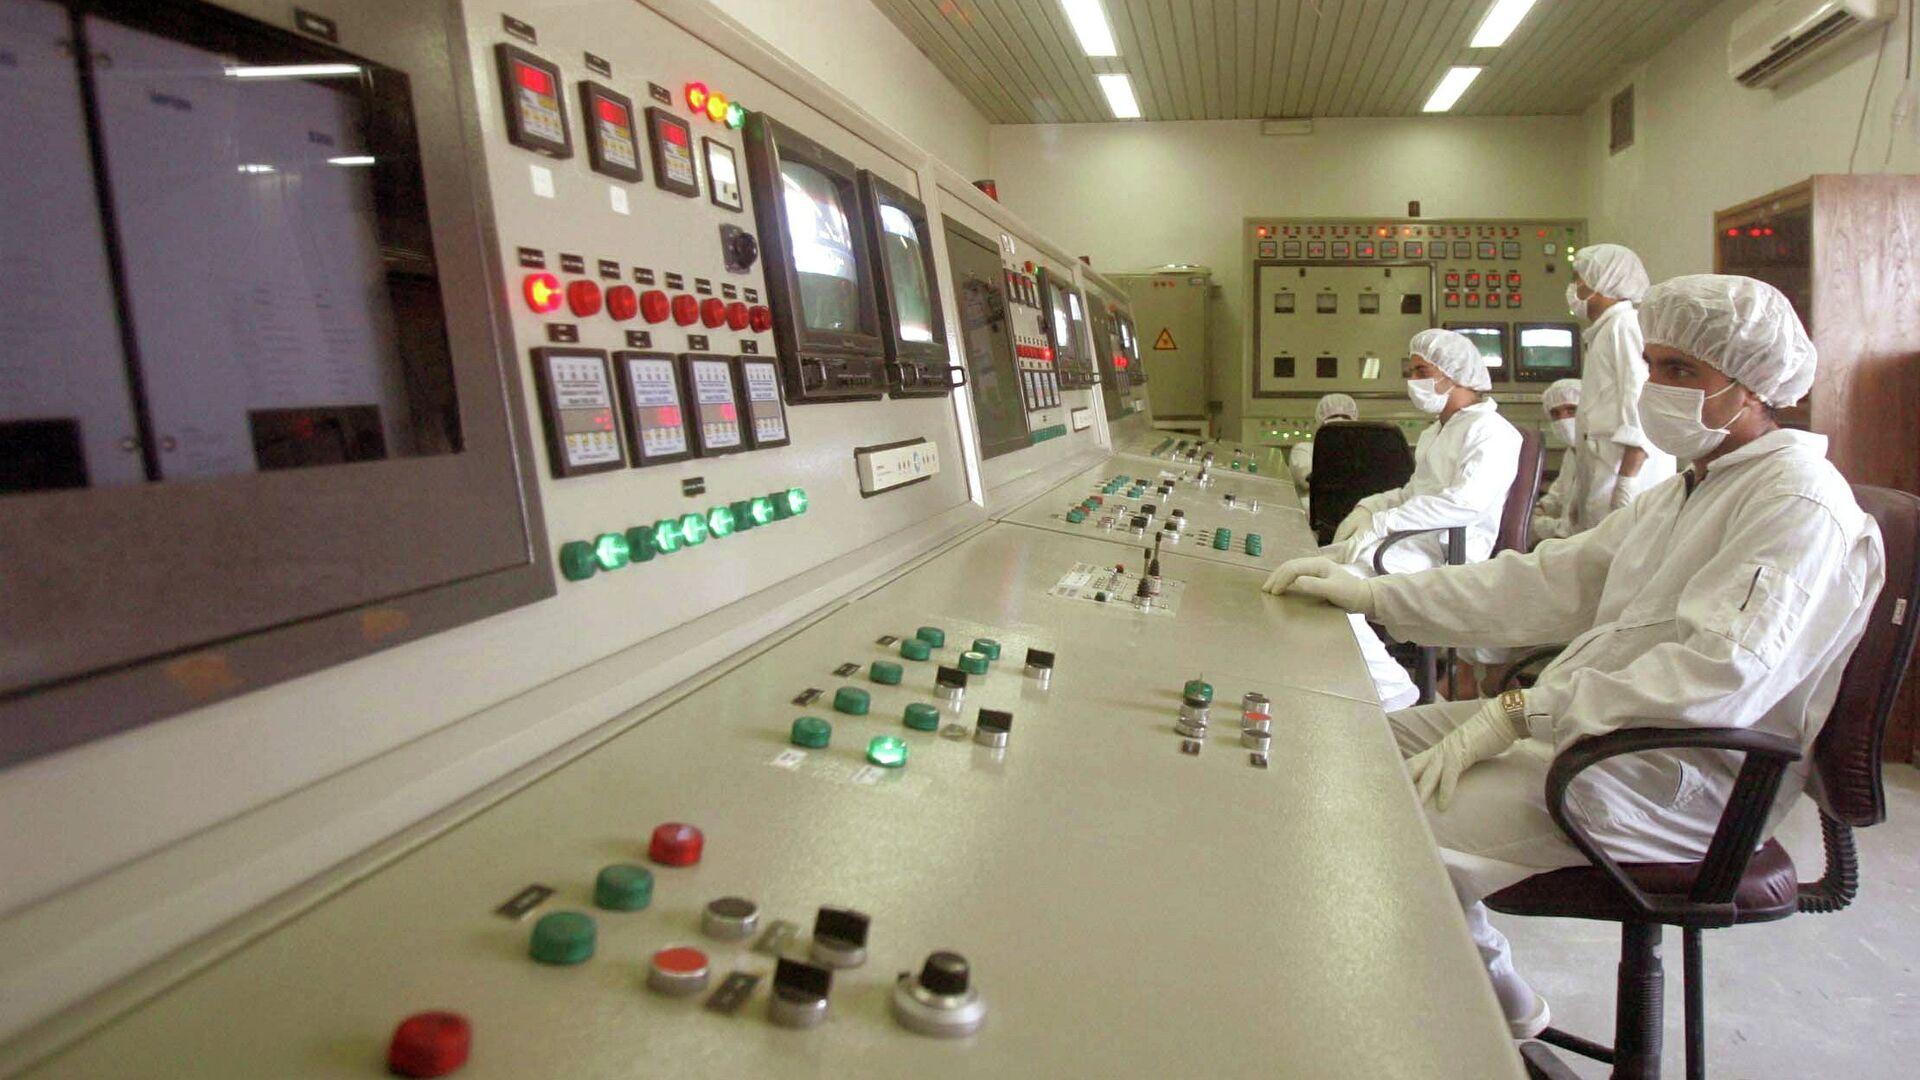 Técnicos de la Organización de Energía Atómica de Irán en la sala de control de la central nuclear de Isfahan (archivo) - Sputnik Mundo, 1920, 02.04.2021